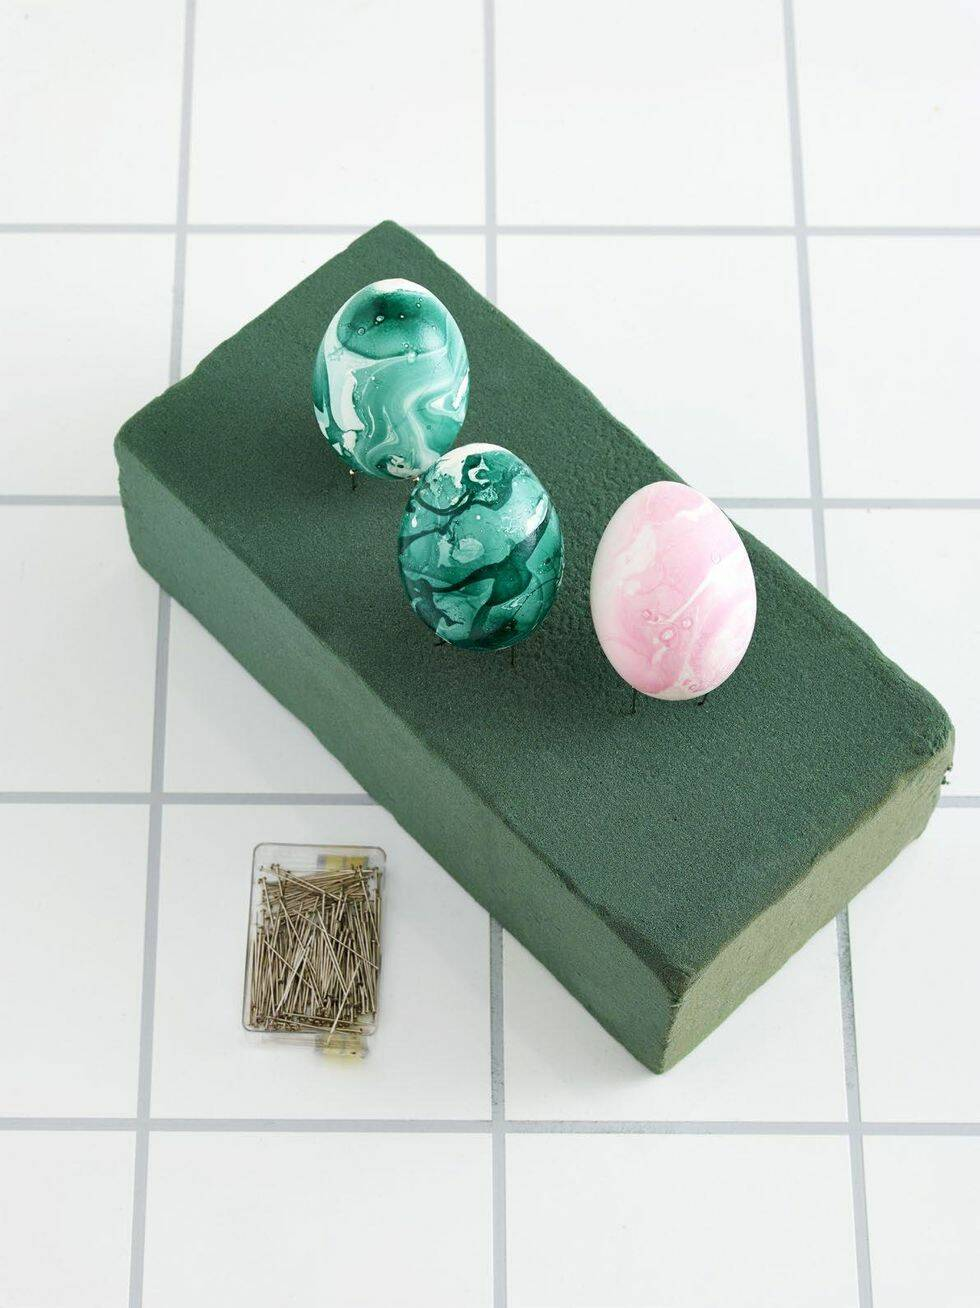 Färga ägg med nagellack – 4 enkla steg